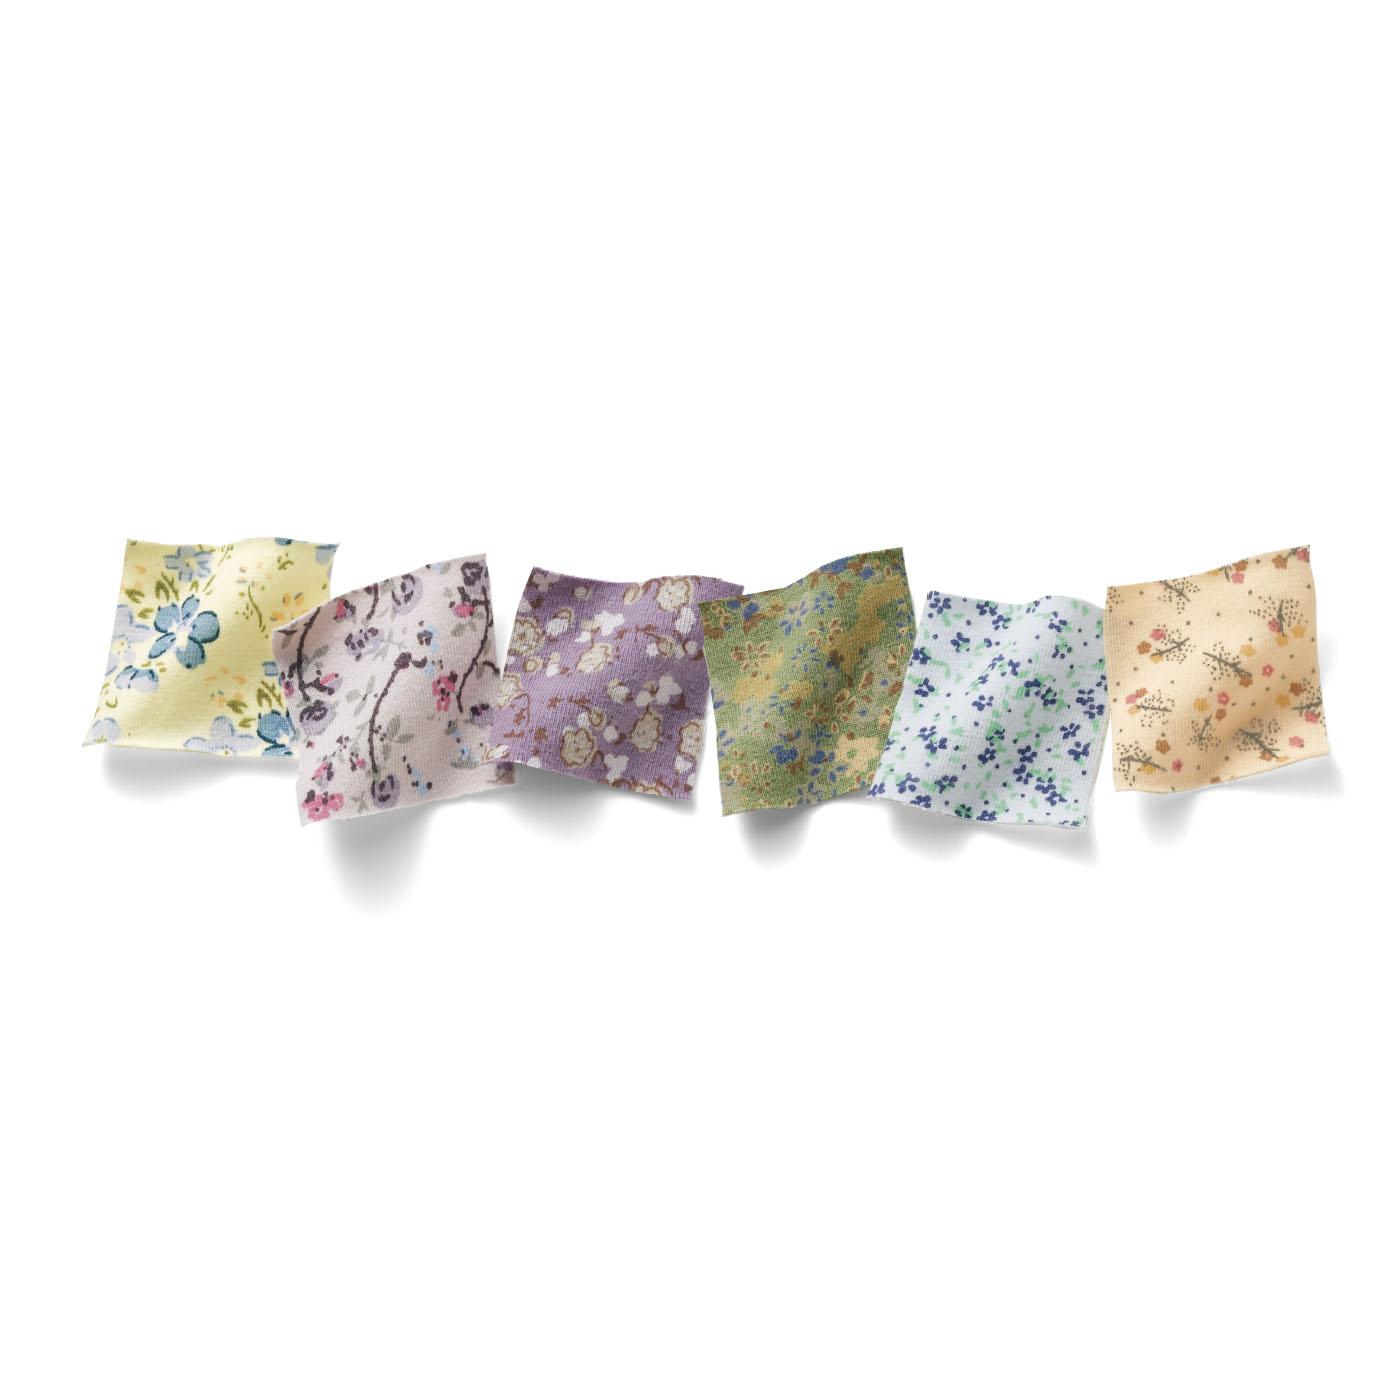 ※「お花柄のリラックスするブラ」は「小花柄タンクトップ」「小花柄ショーツ」と同時にお申し込みの場合、おそろいで届くとはかぎりません。